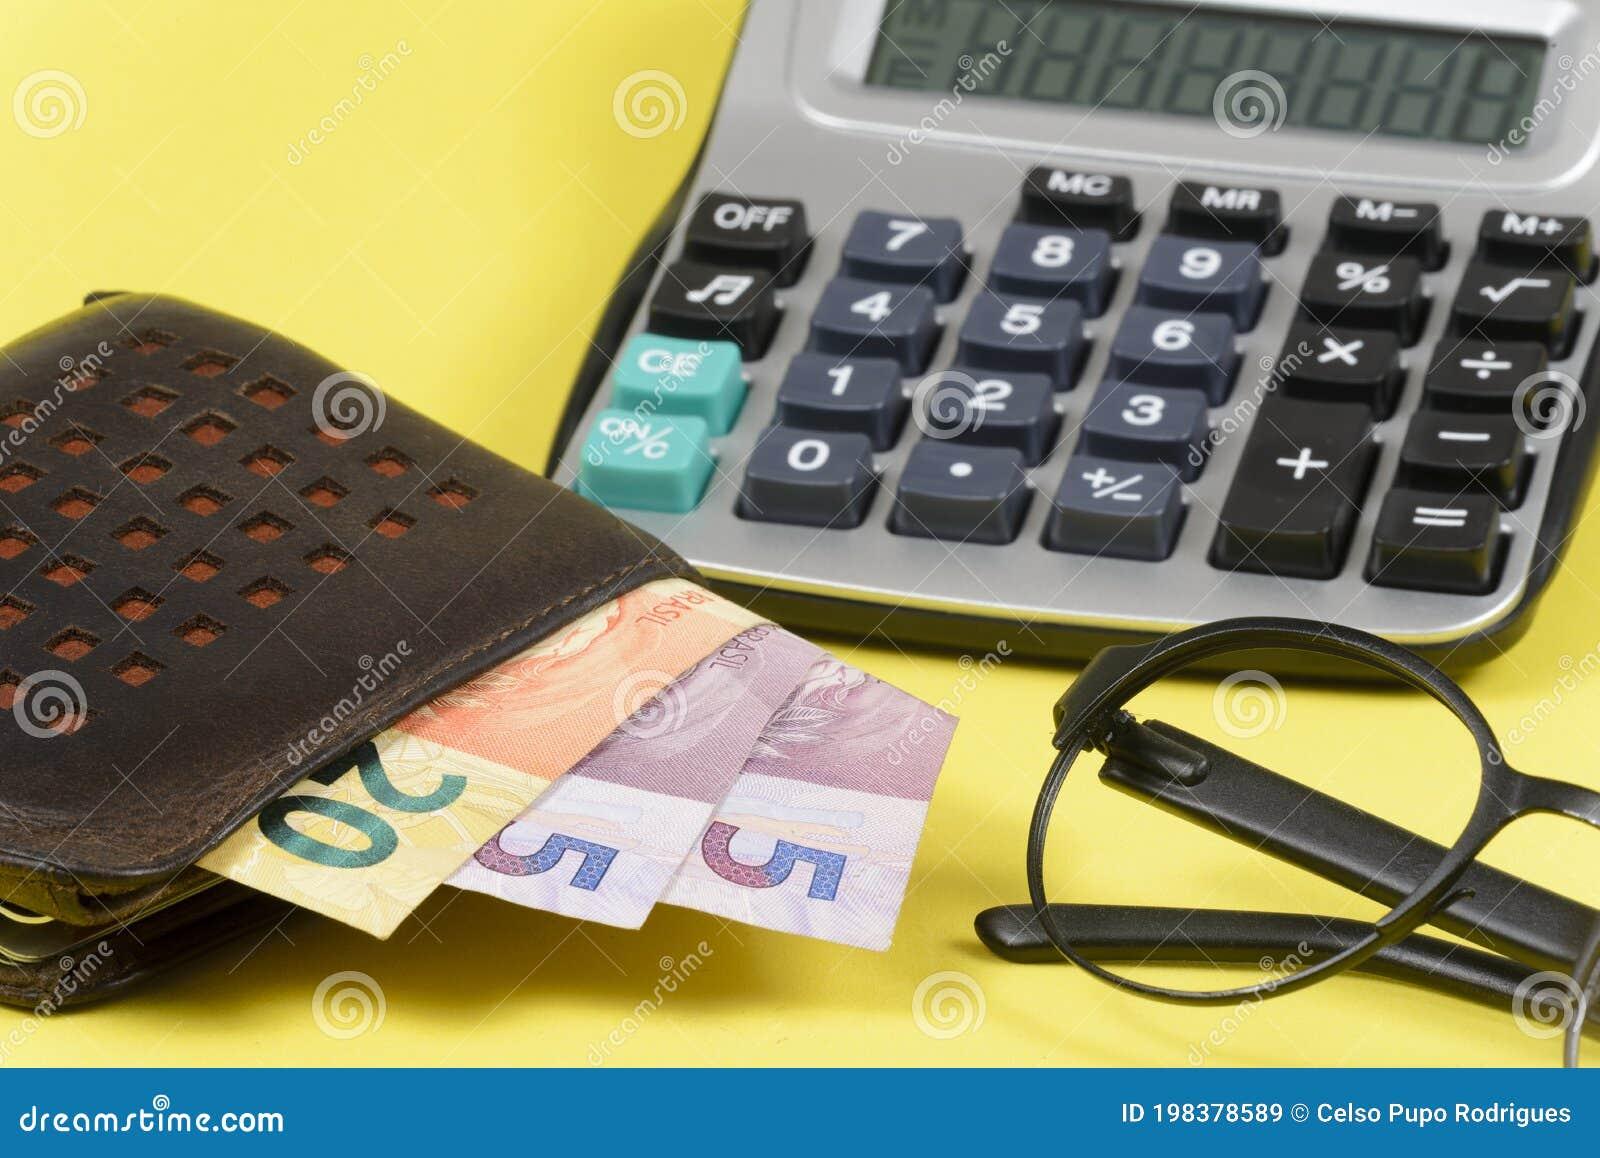 bitcoin calcolatrice india)